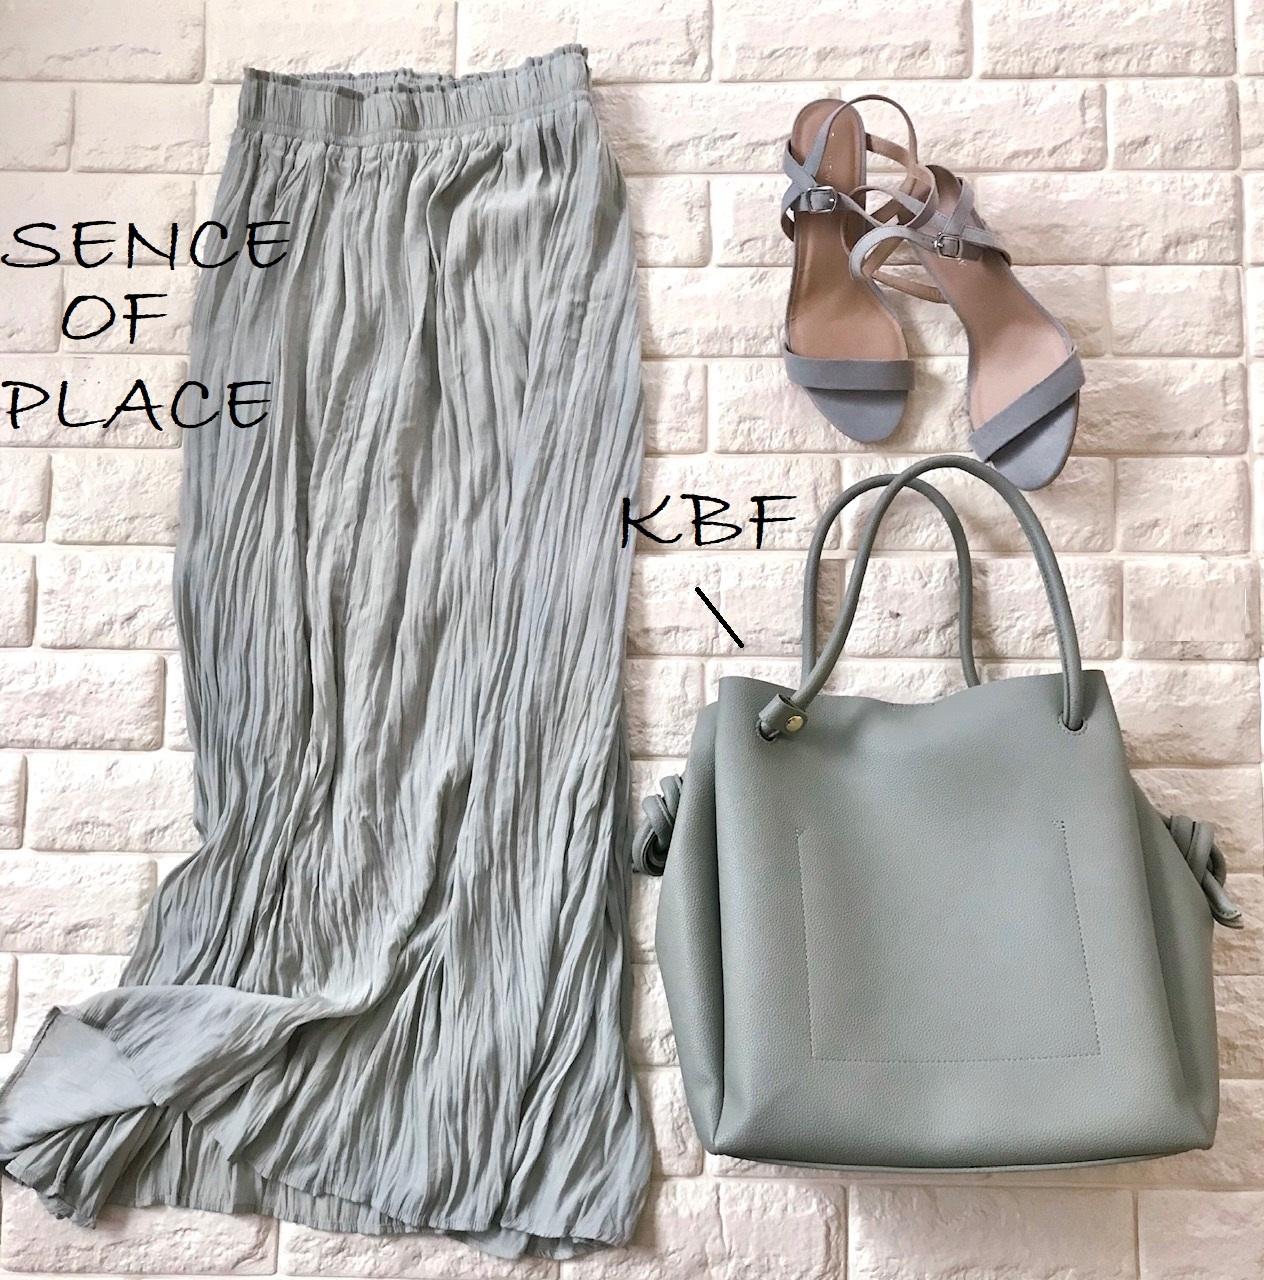 センスオブプレイスのスカートとKBFのバッグ画像